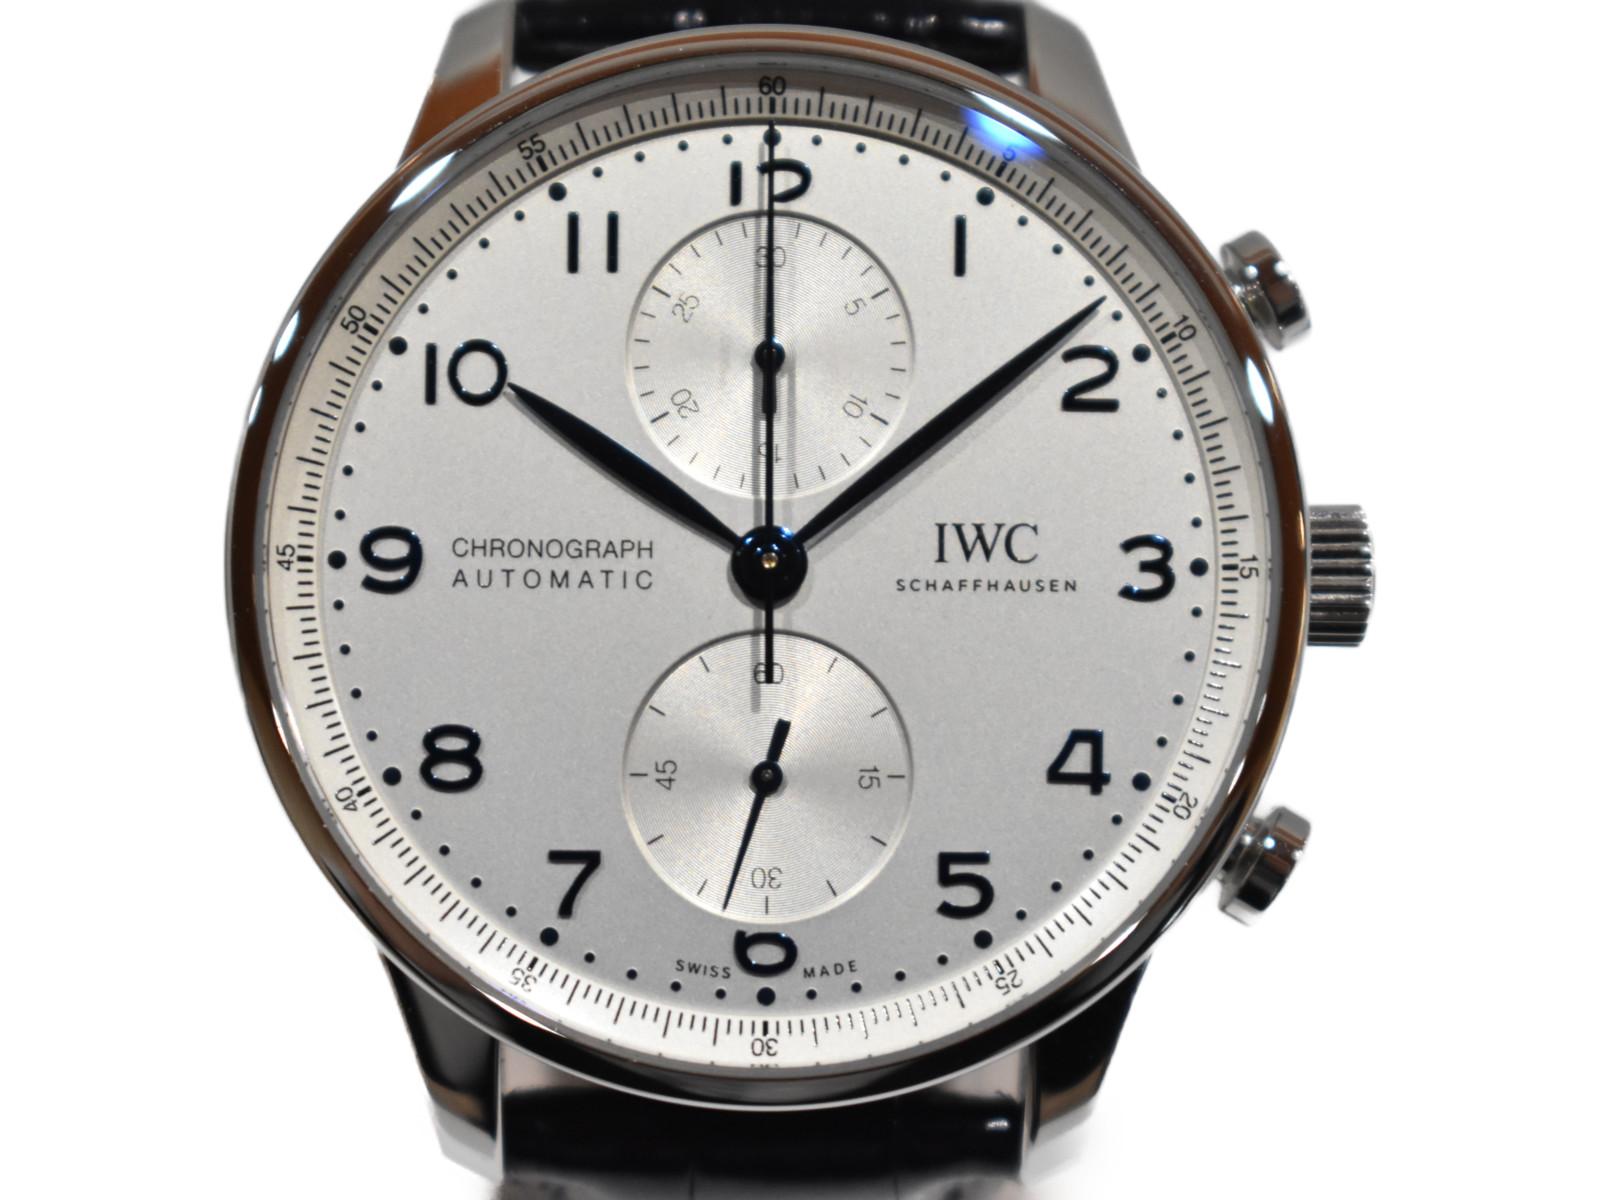 【箱・ギャラ有り★】IWCポルトギーゼ クロノグラフIW371605 62***** アリゲーターストラップ 自動巻き メンズ 時計 腕時計 人気 おしゃれ シンプル プレゼント包装可【中古】